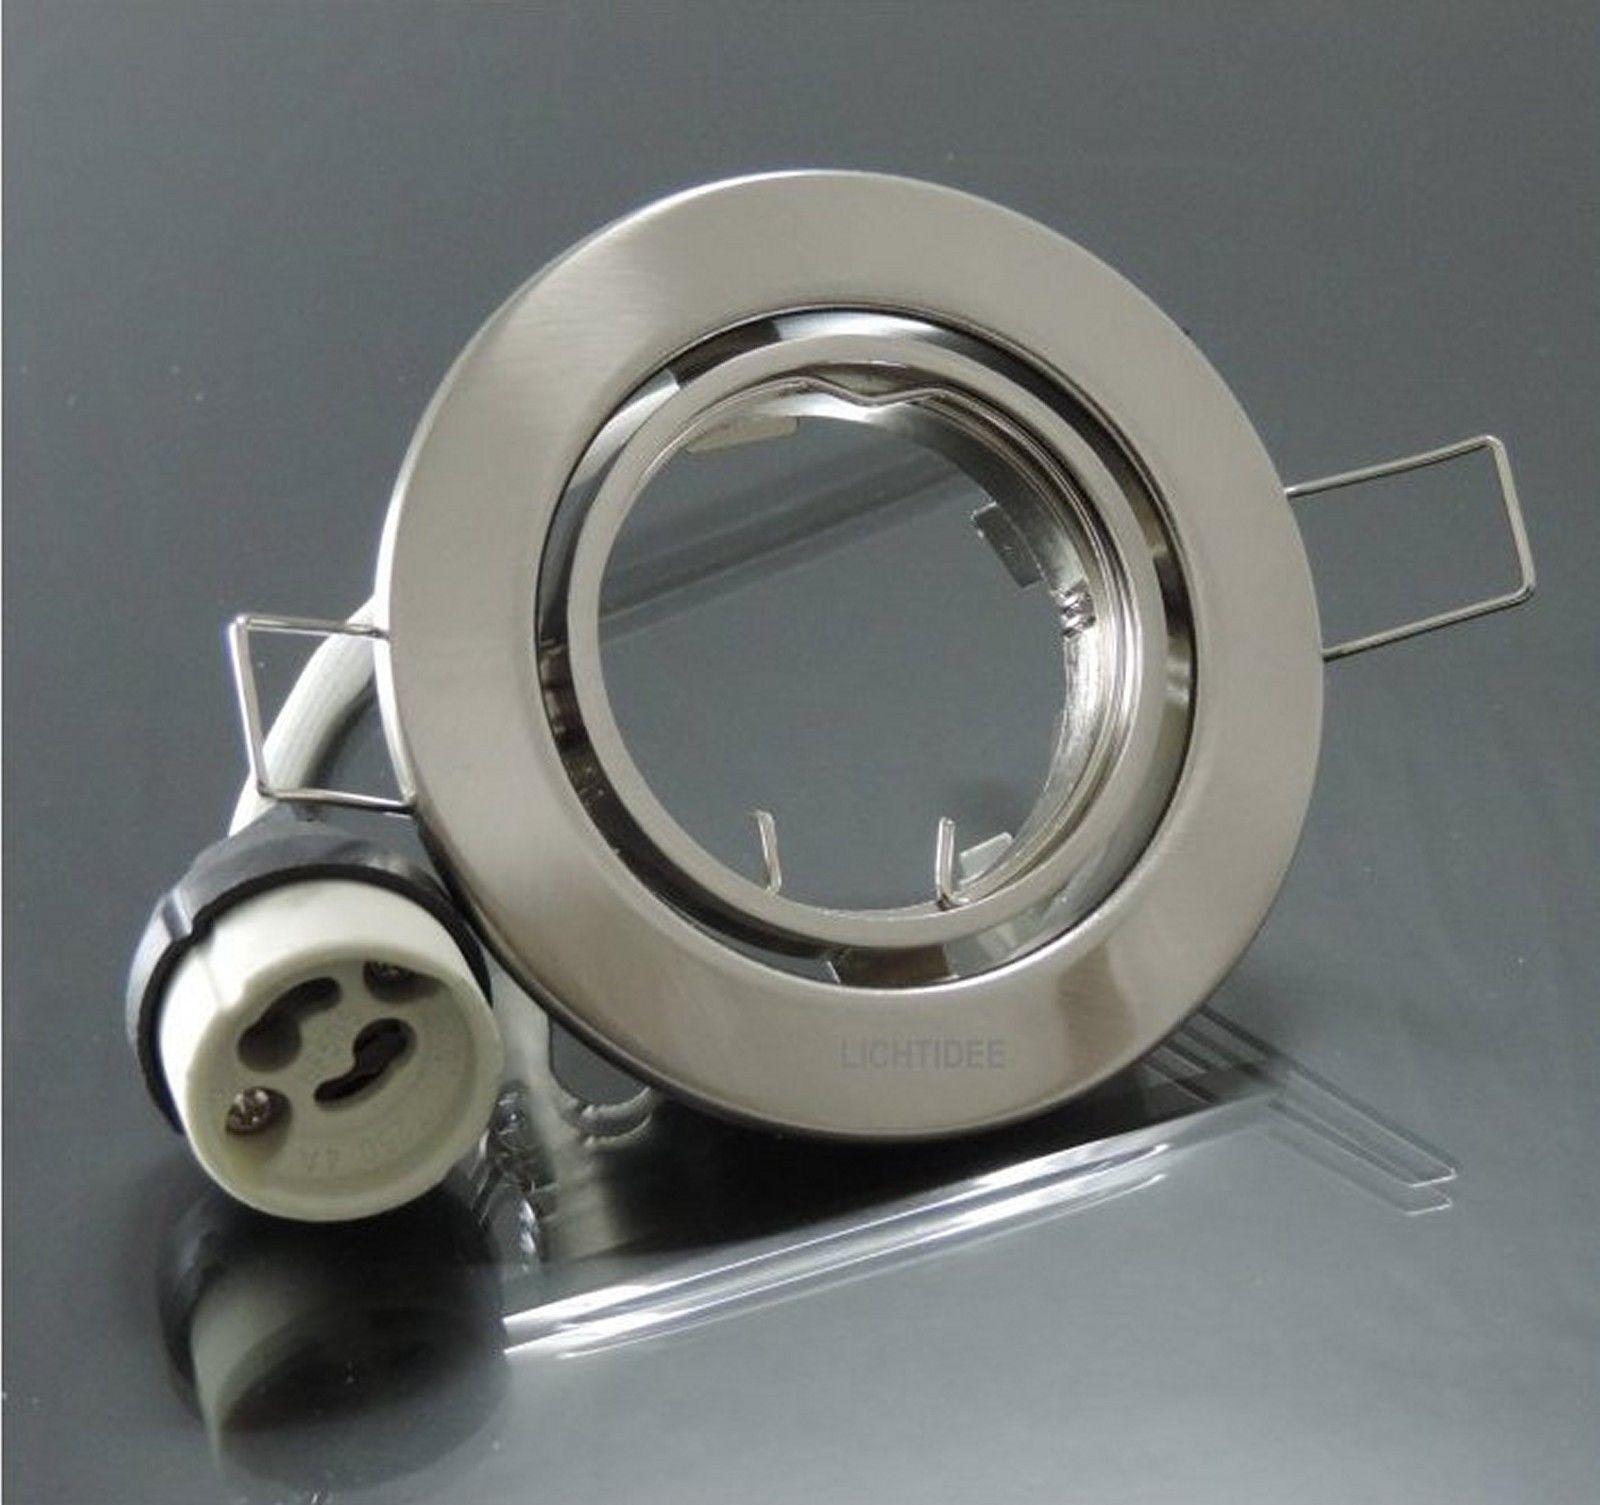 150 x Einbaustrahler Rahmen Spot schwenkbarFassung GU10 GU10 GU10 Eisen geb met  009   | In hohem Grade geschätzt und weit vertrautes herein und heraus  | Export  | Guter weltweiter Ruf  f4bb84